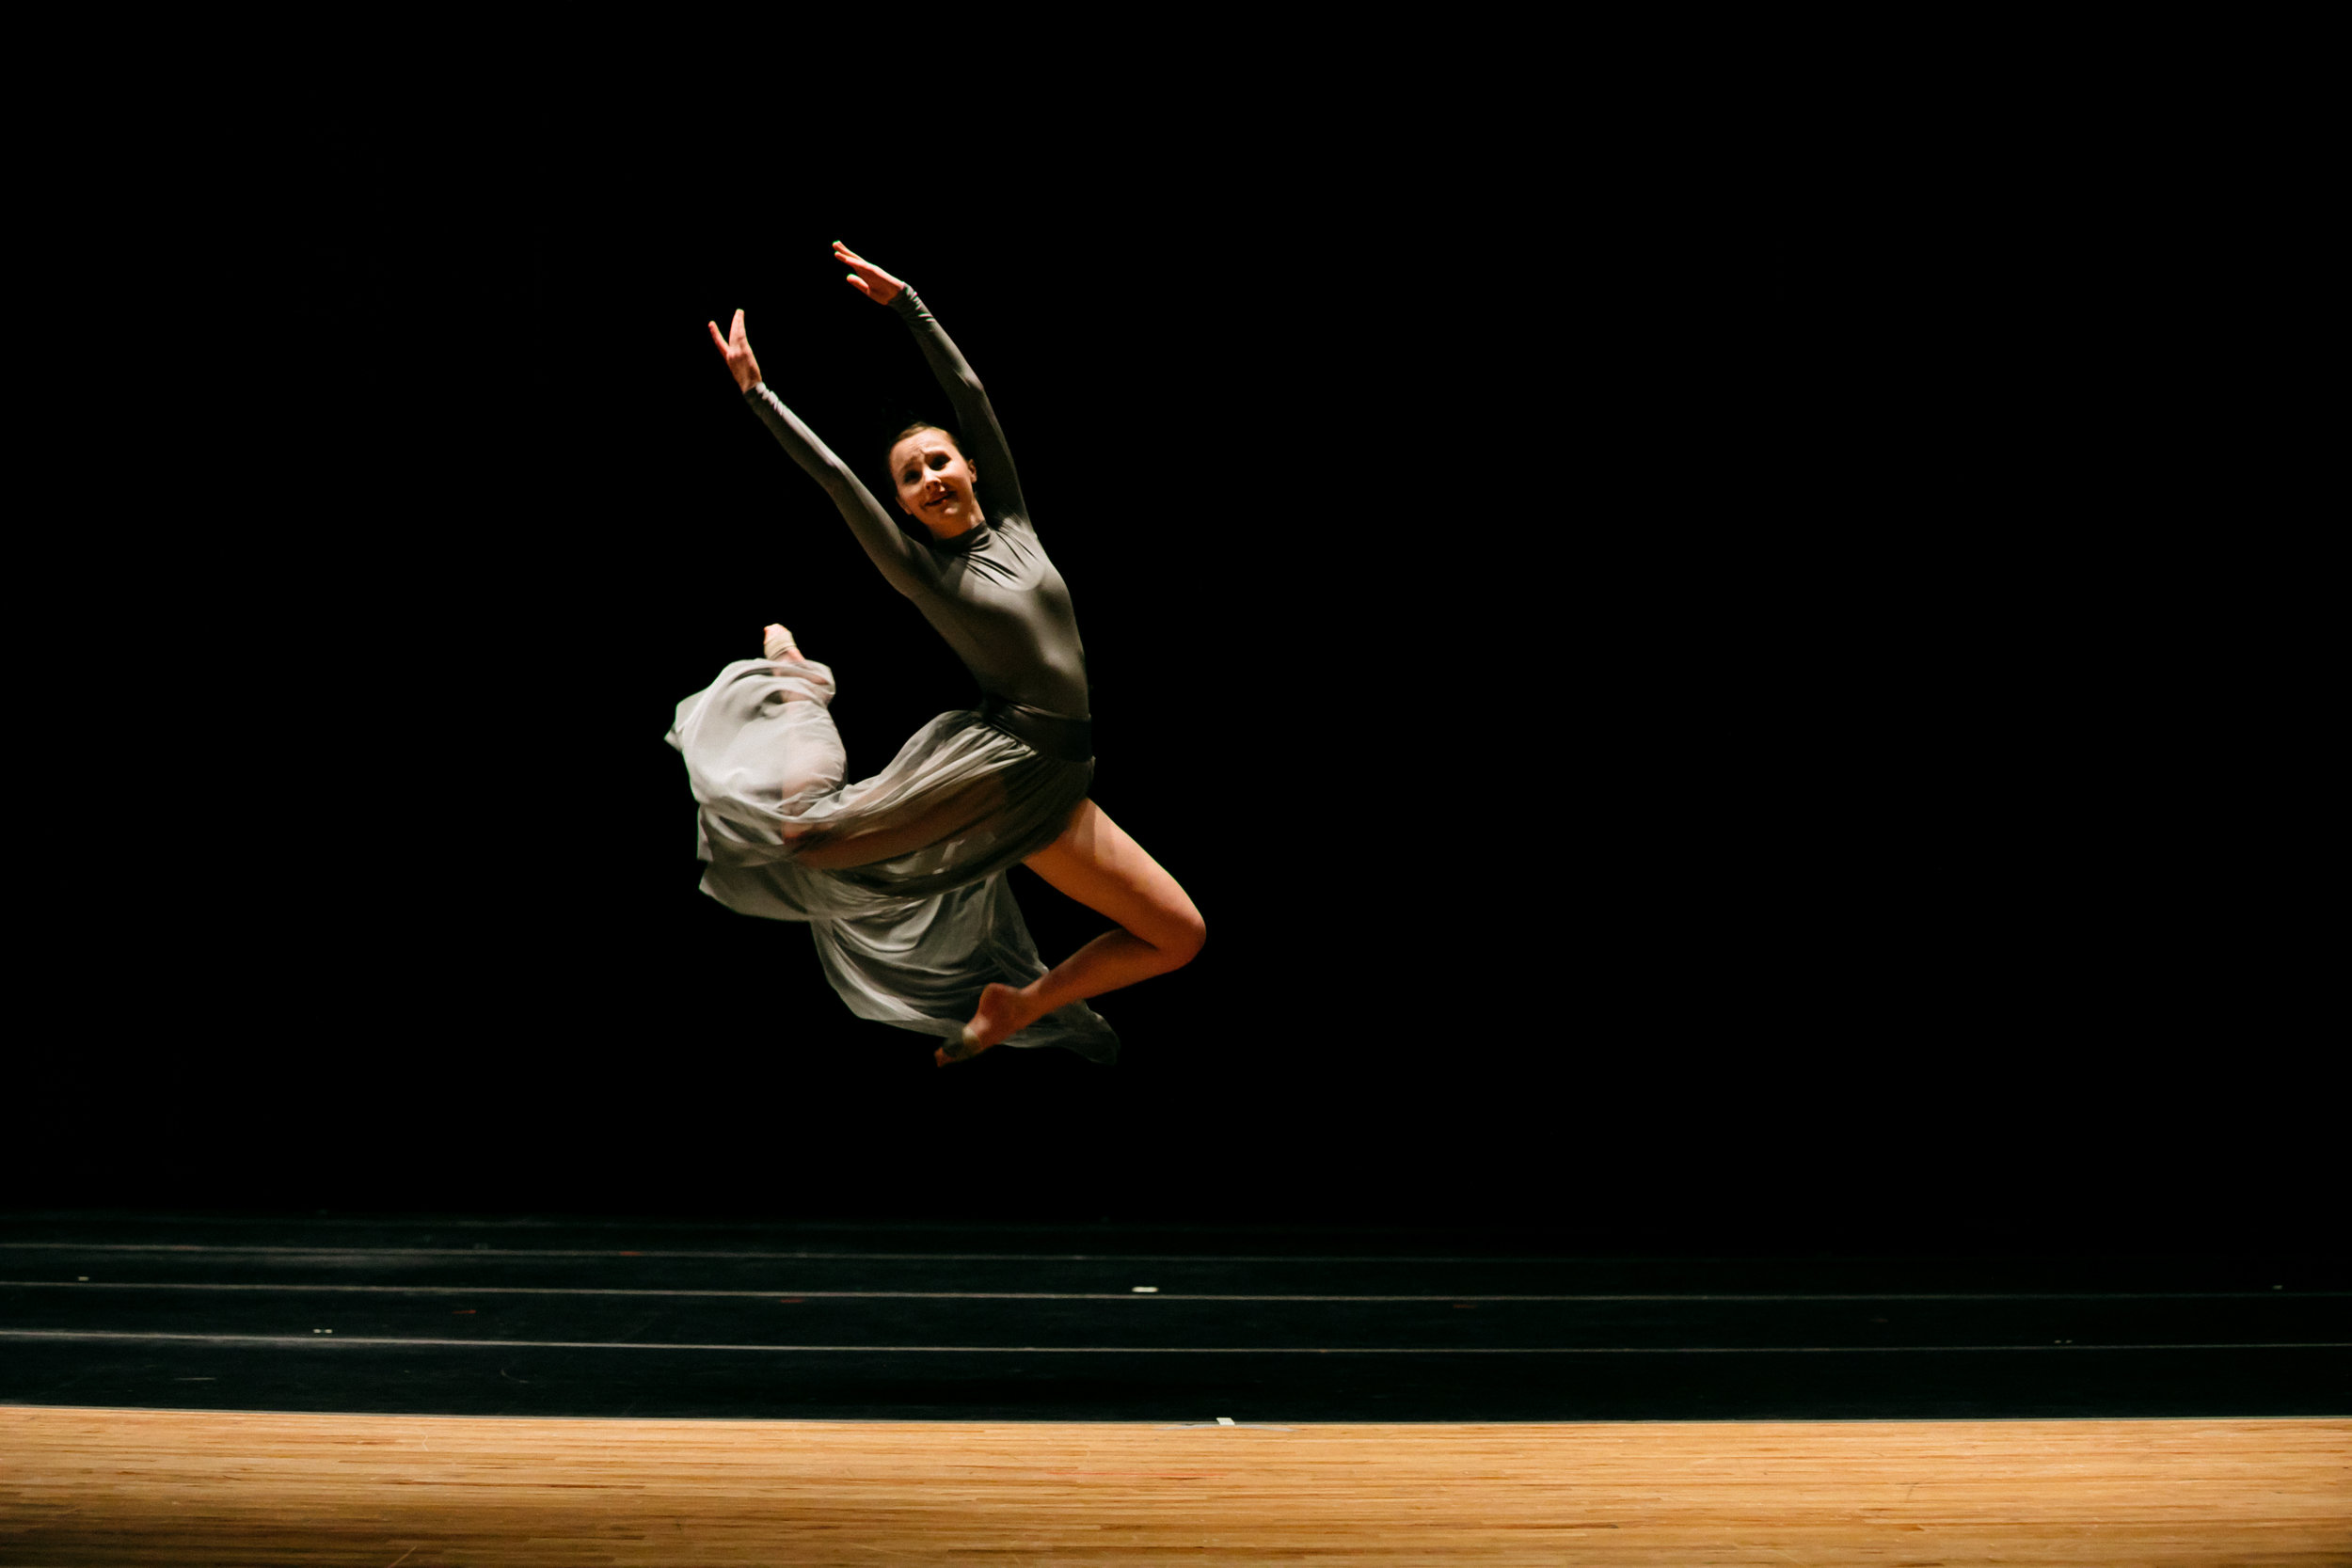 dance_photography_Cincinnati_Ohio-1141.jpg